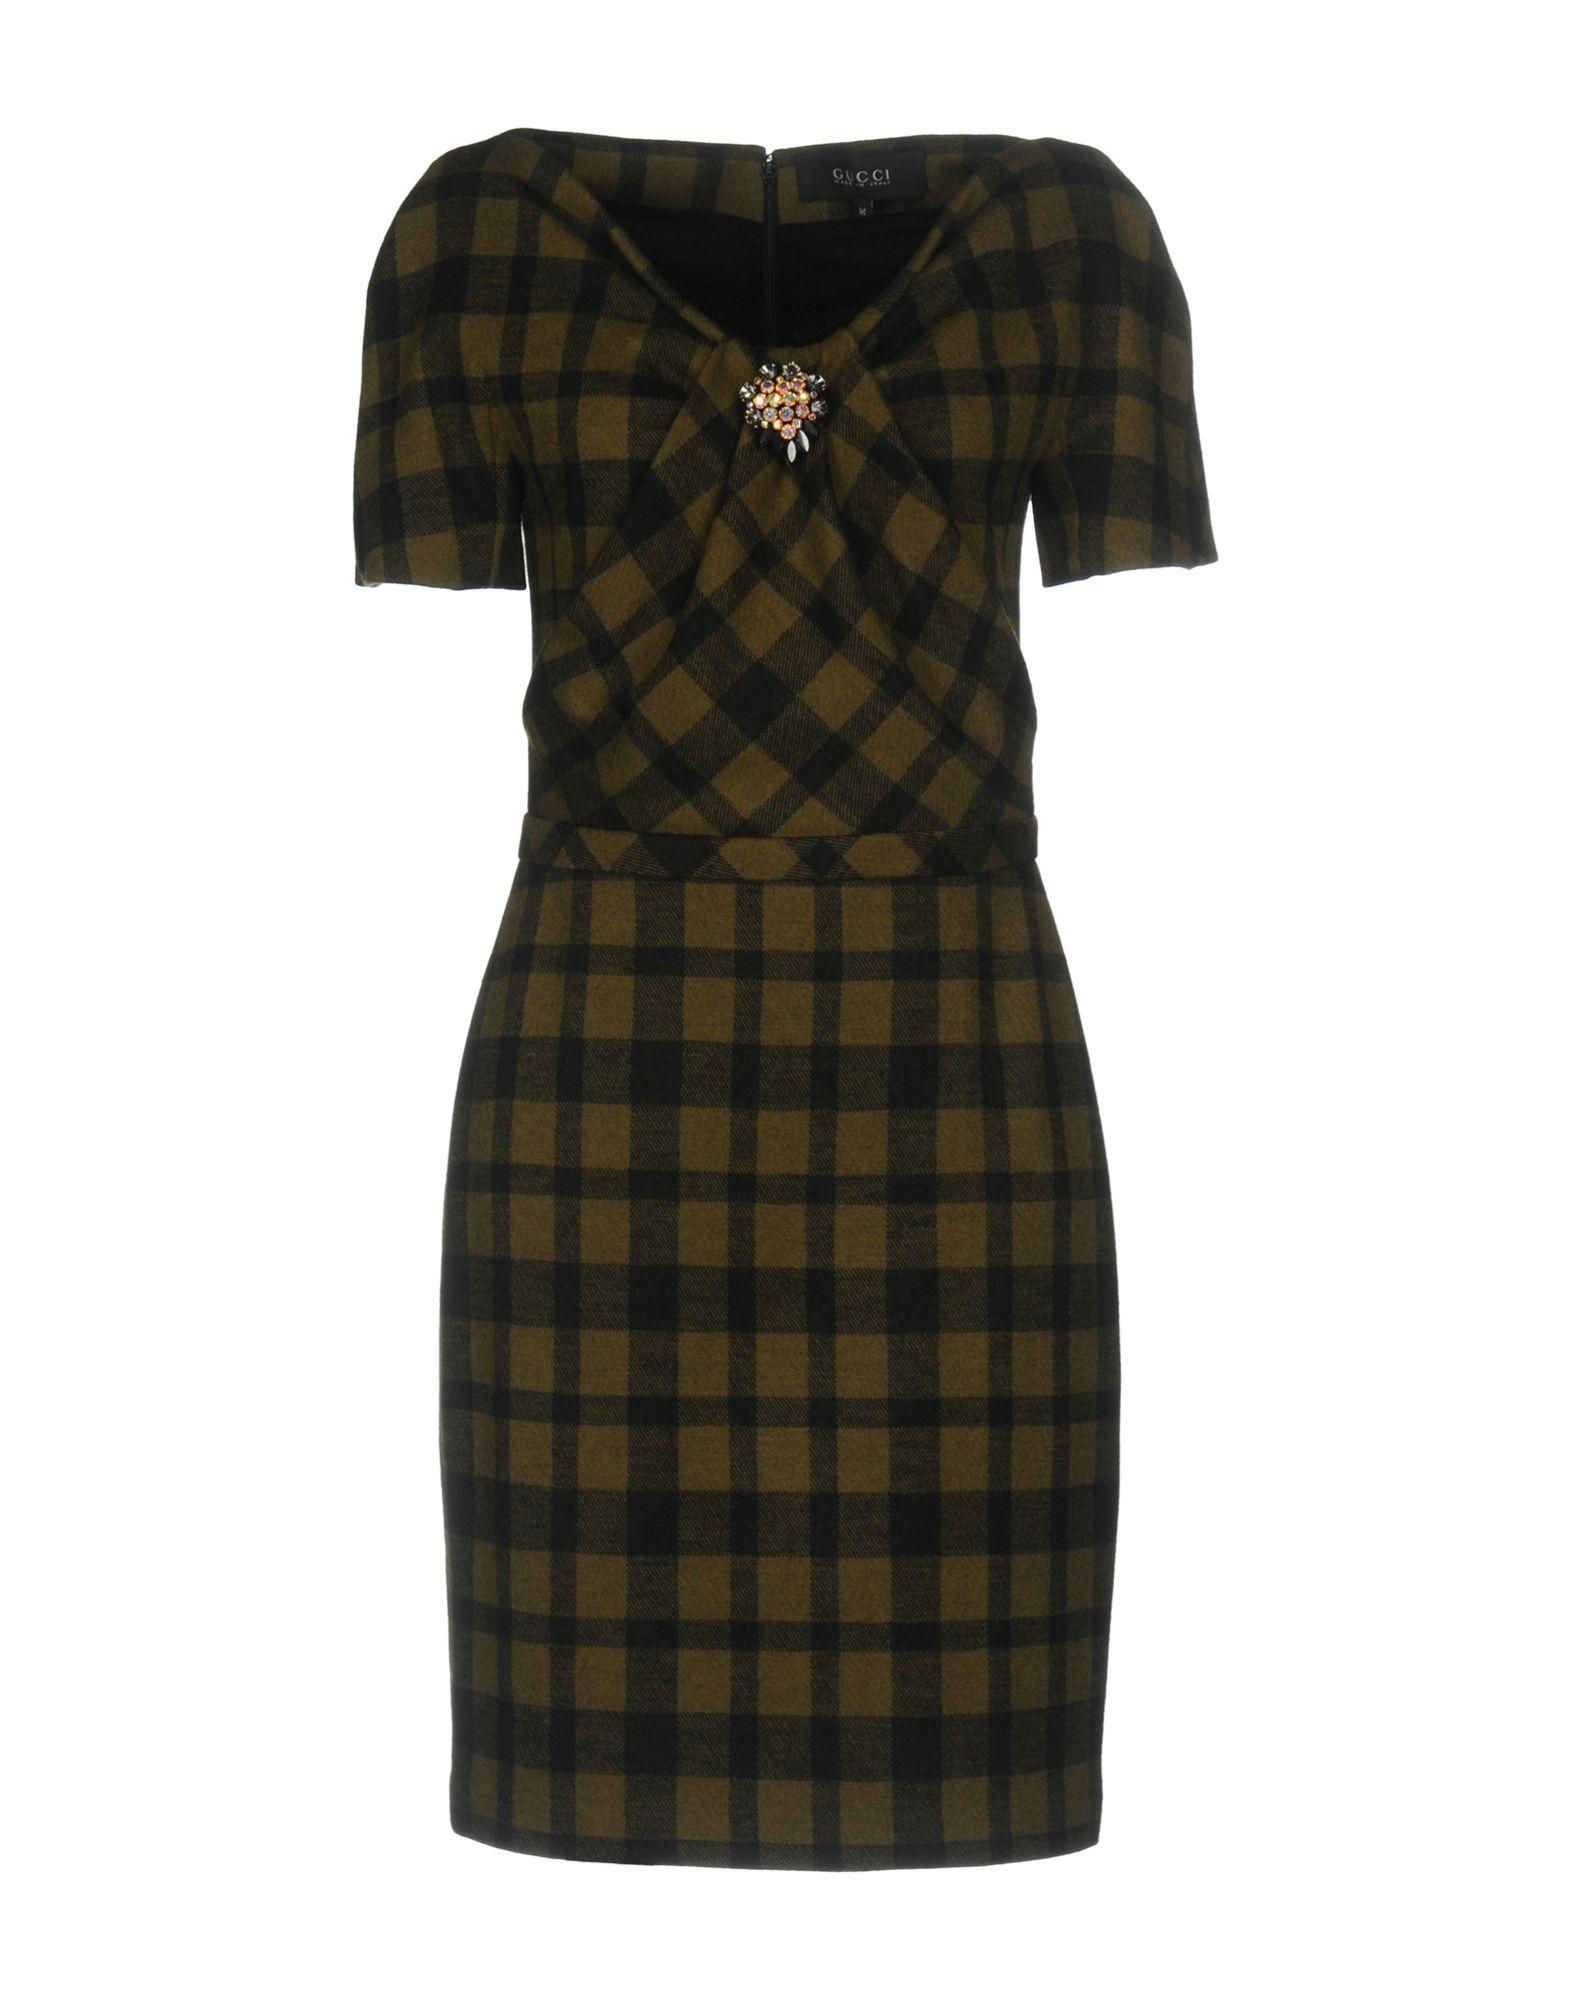 GUCCI Damen Kurzes Kleid Farbe Militärgrün Größe 5